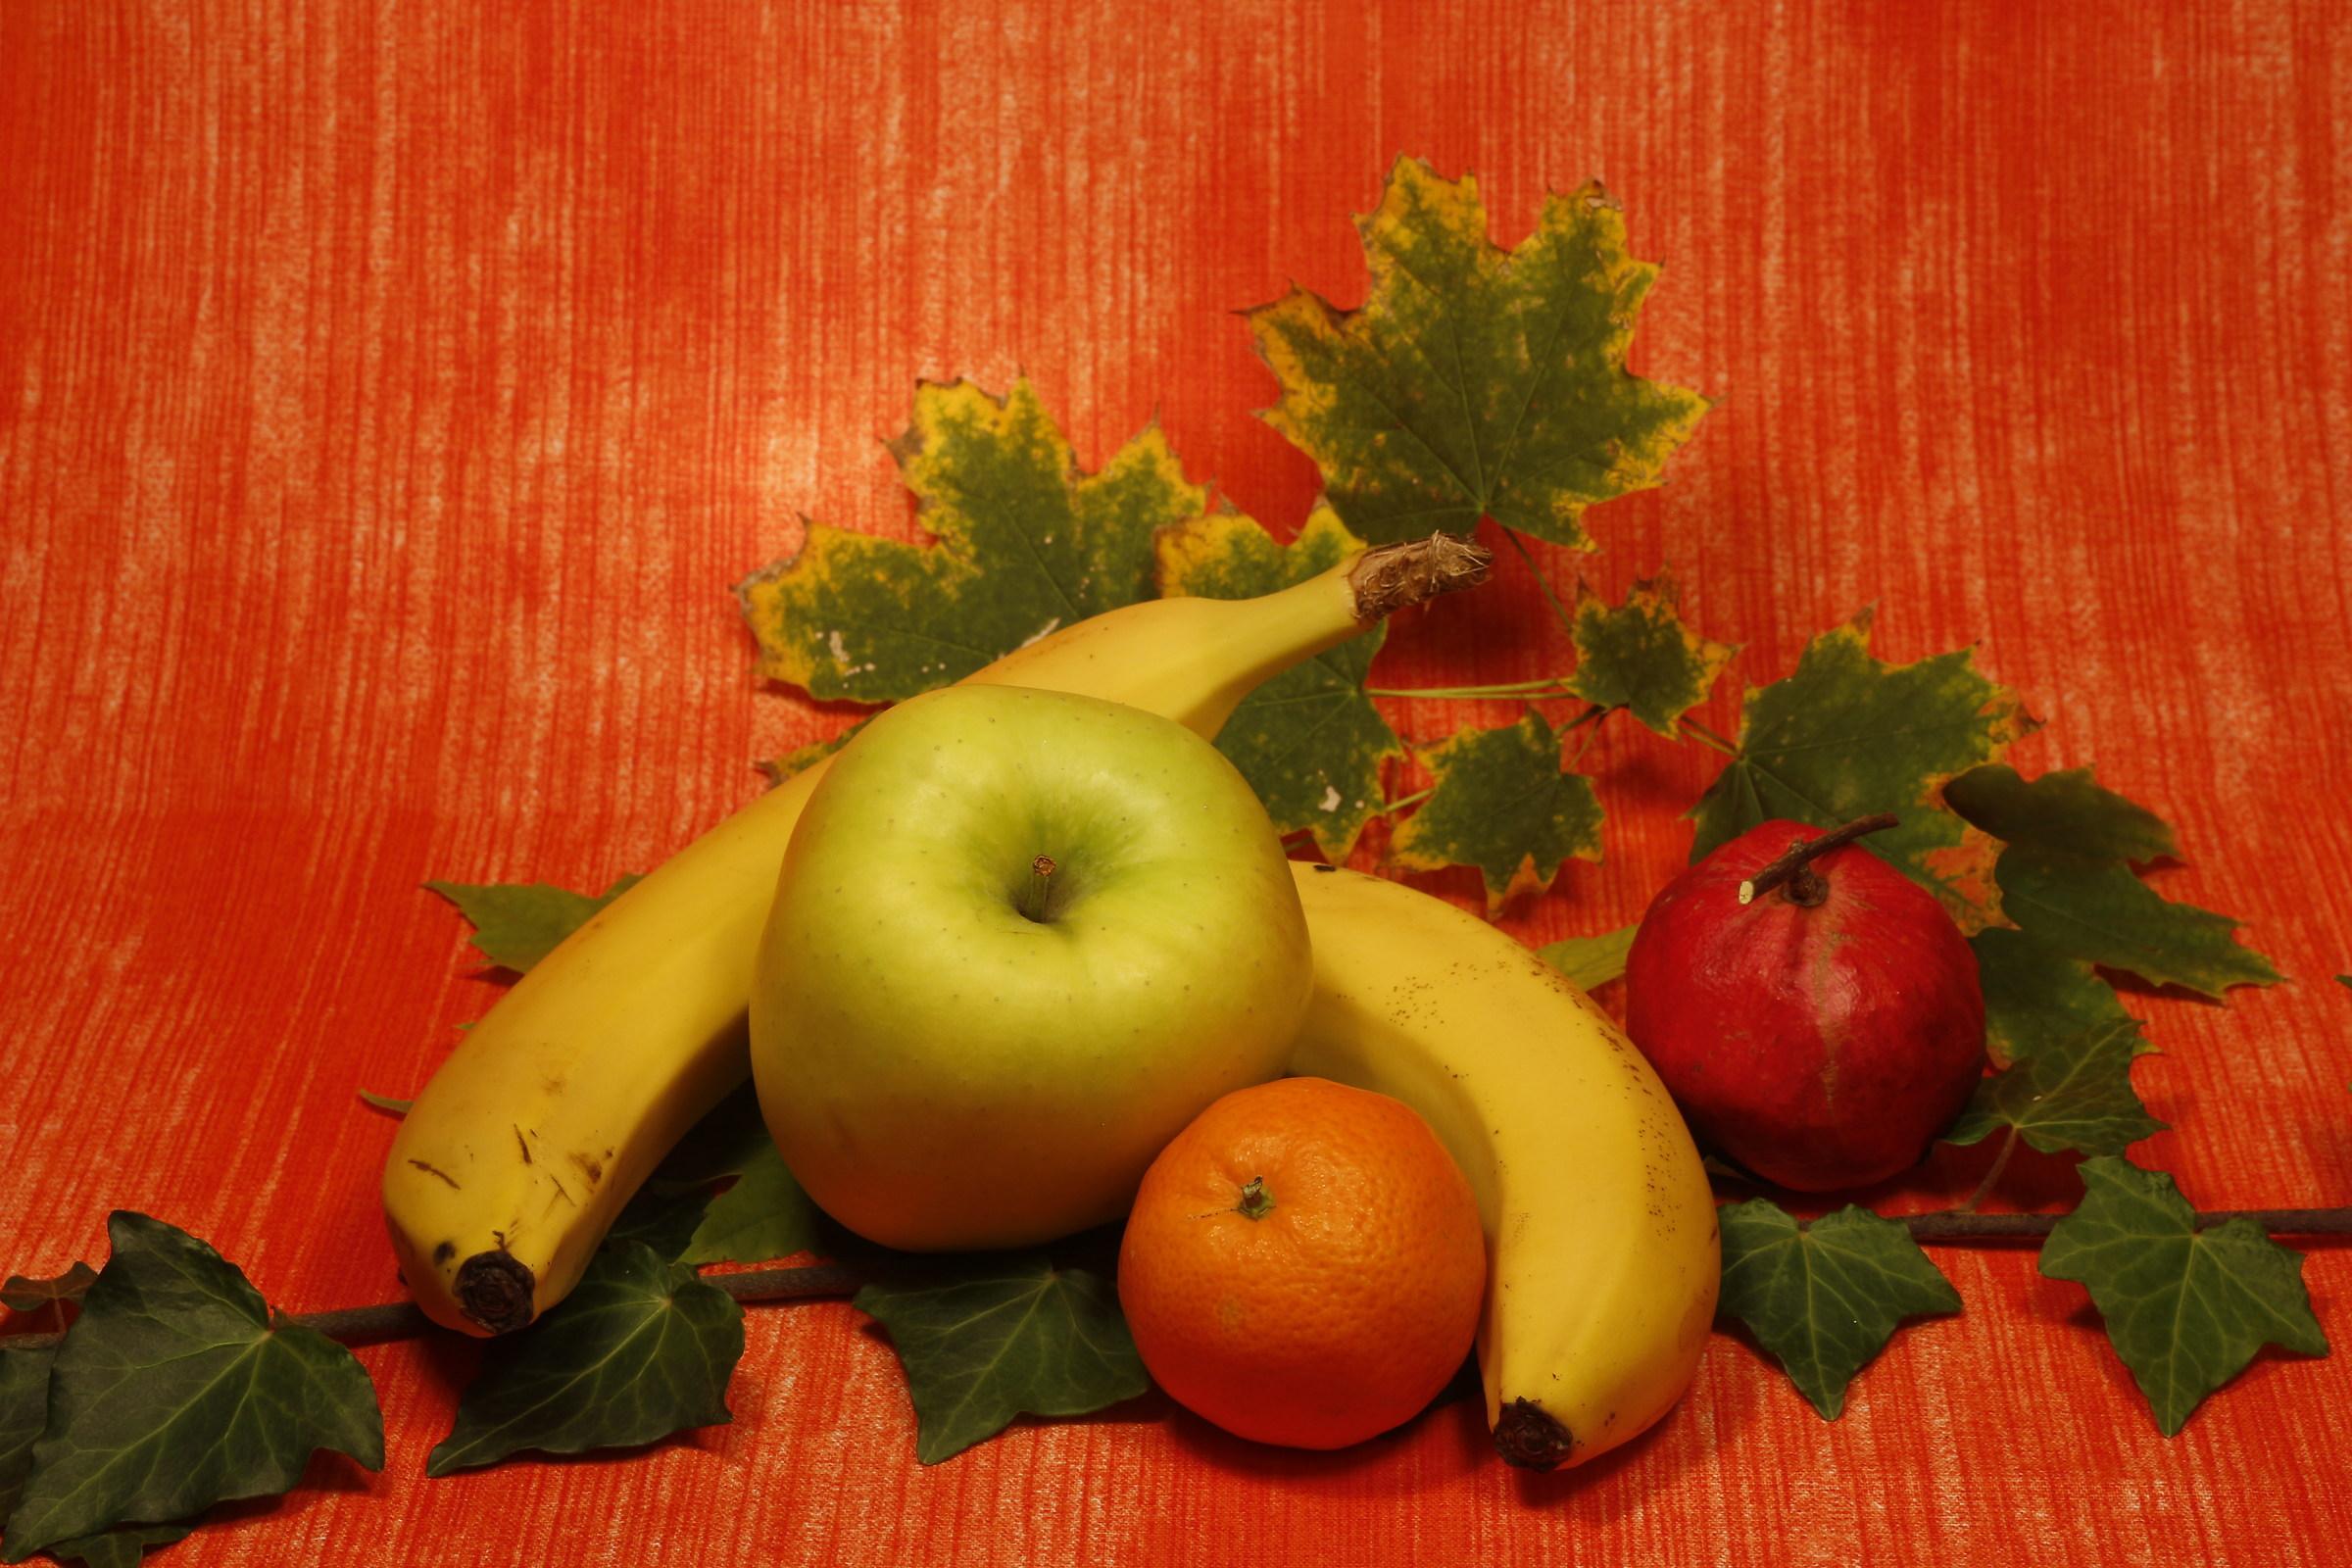 Light tests on fruit...